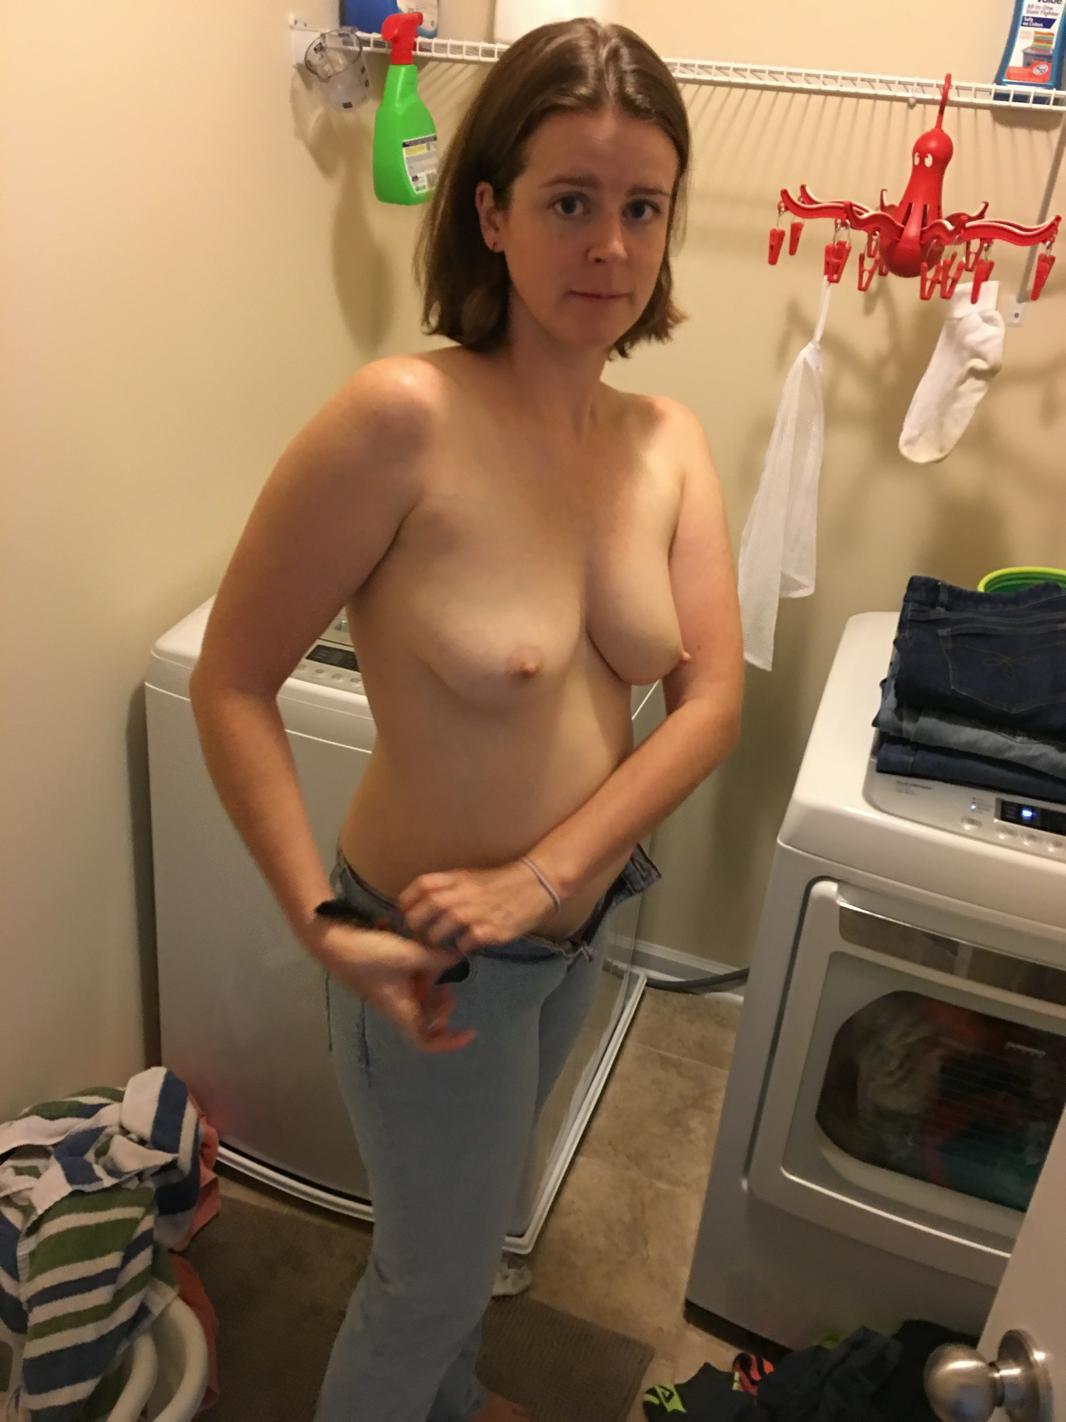 hausfrau nake pic